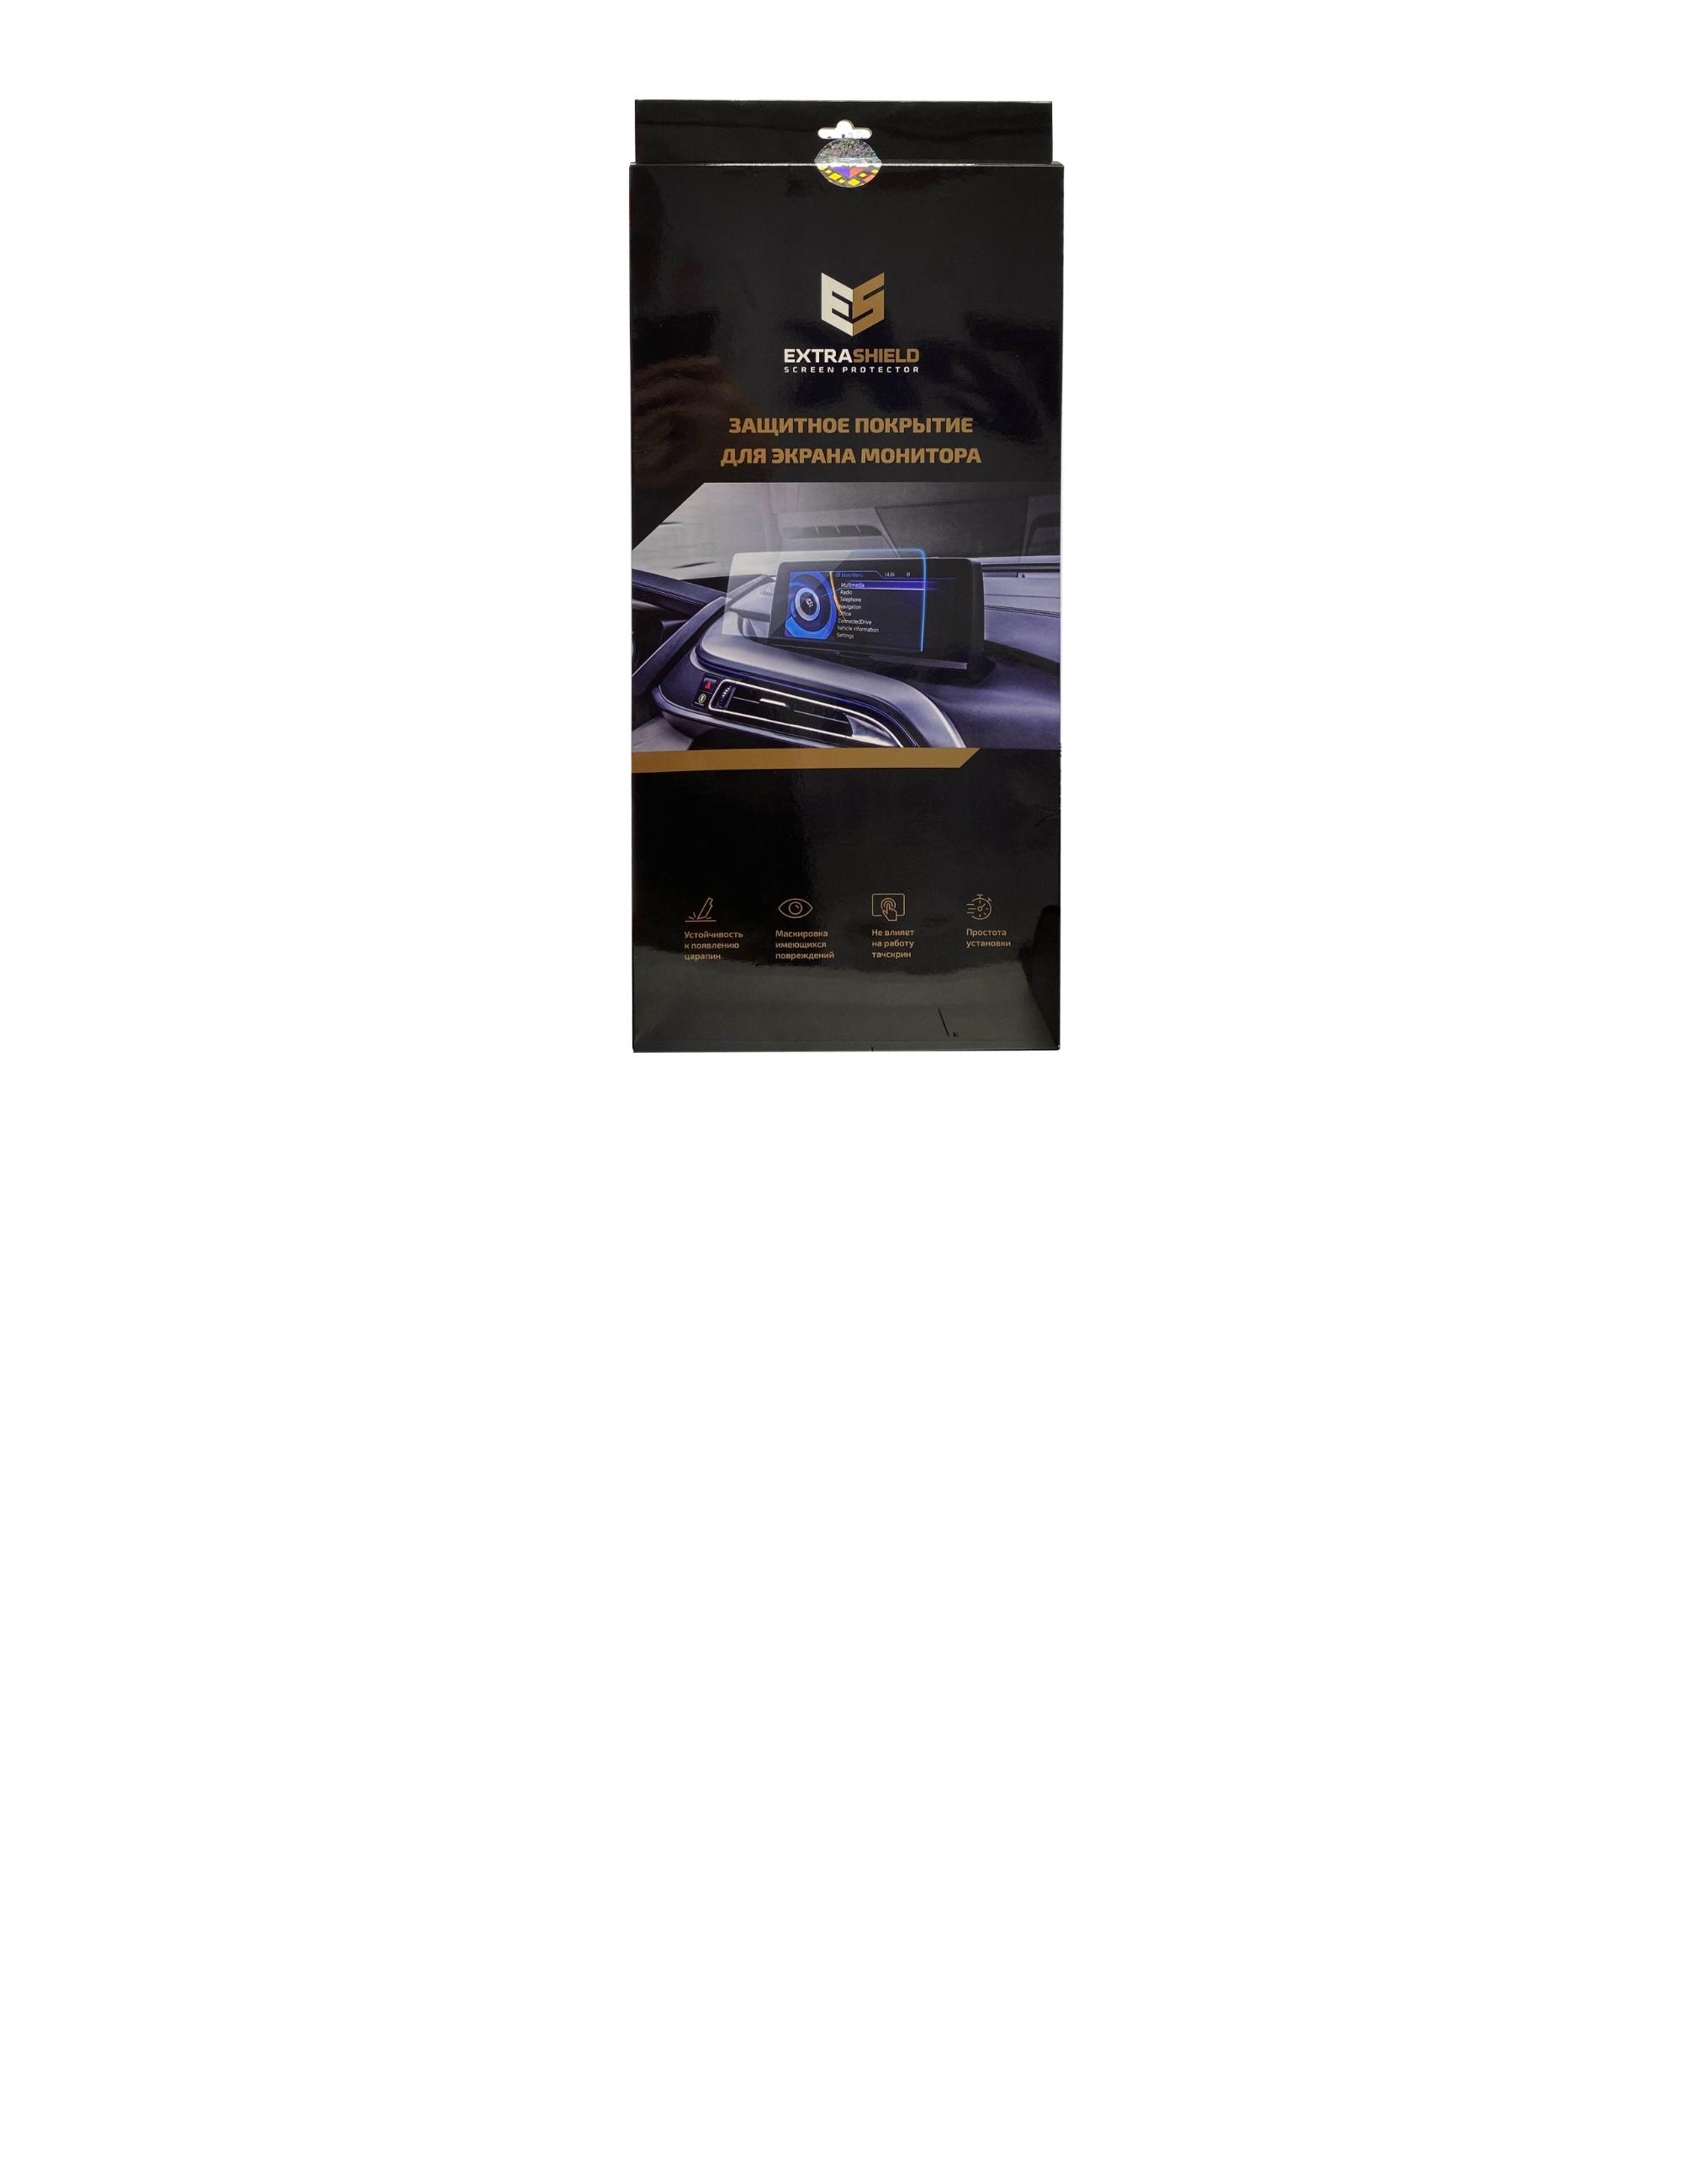 Skoda Superb 2015 - н.в. мультимедиа Columbus 9.2 Защитное стекло Матовая